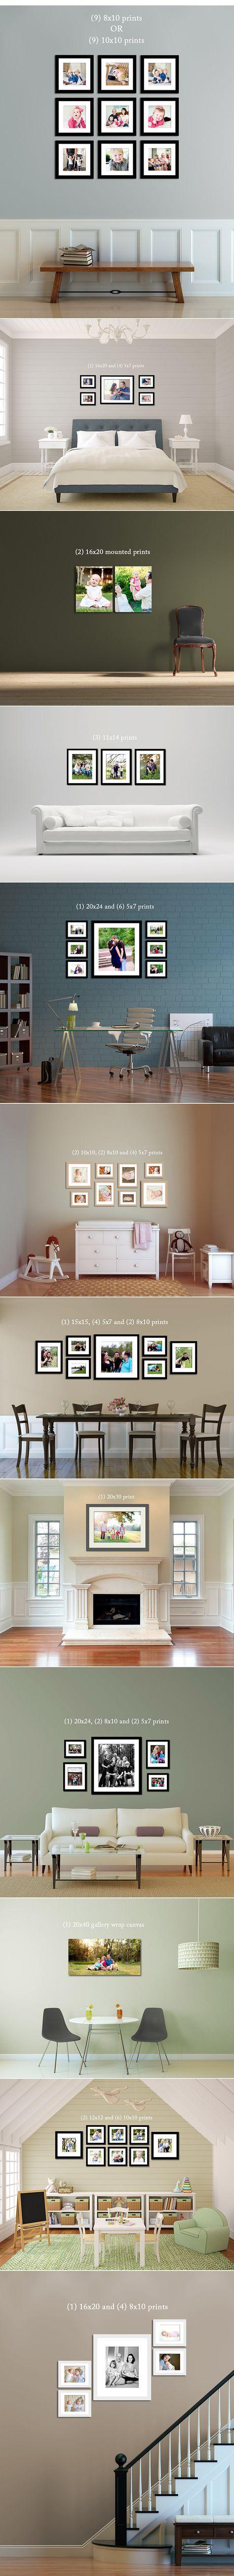 Письмо «Рекомендуемые Пины на тему «Домашний Декор»» — Pinterest — Яндекс.Почта